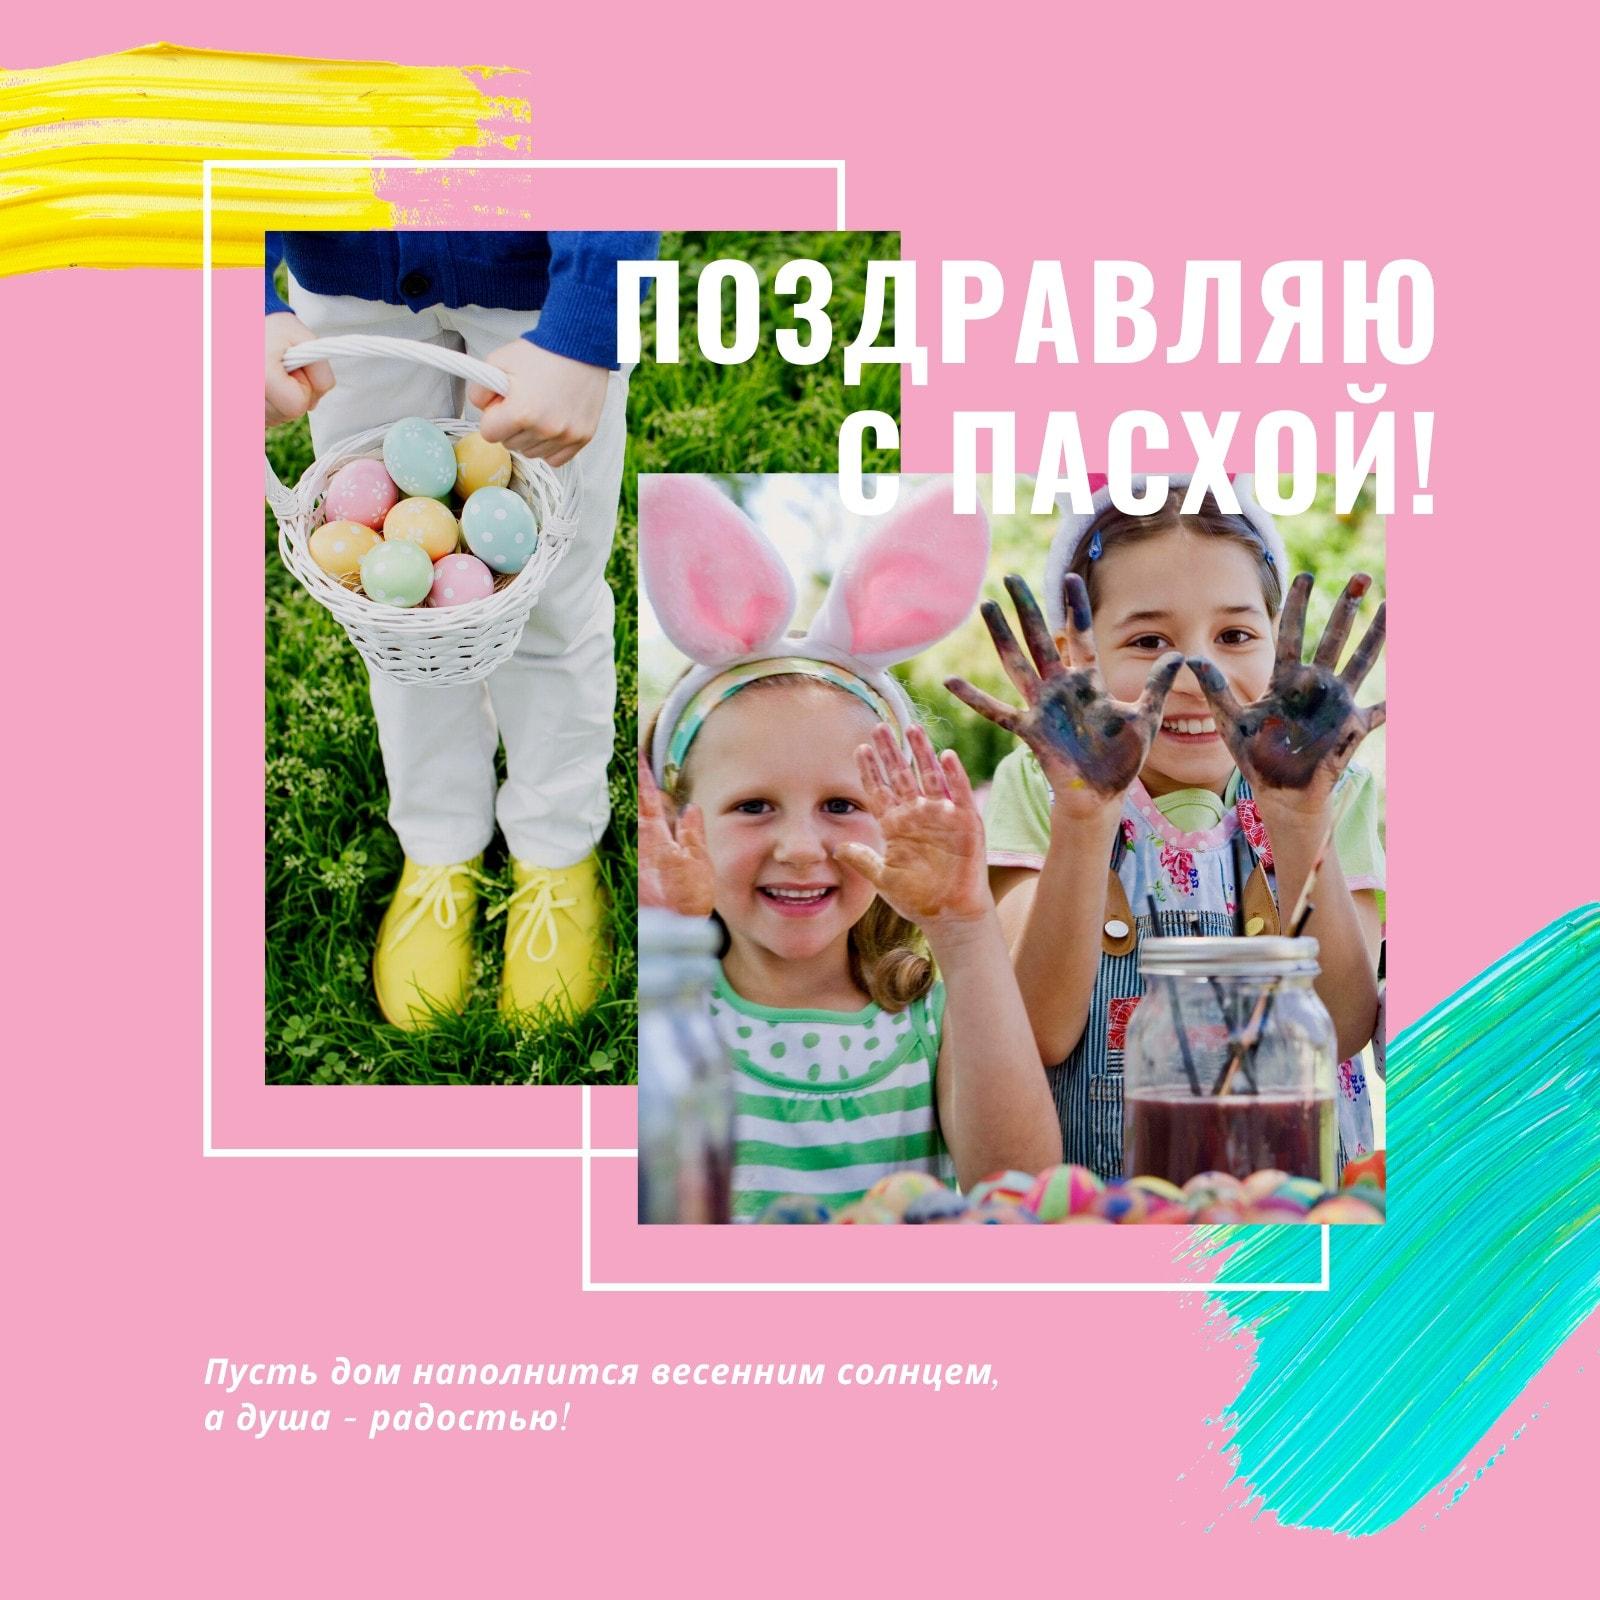 Розовая публикация в Instagram на Пасху с фотографиями детей